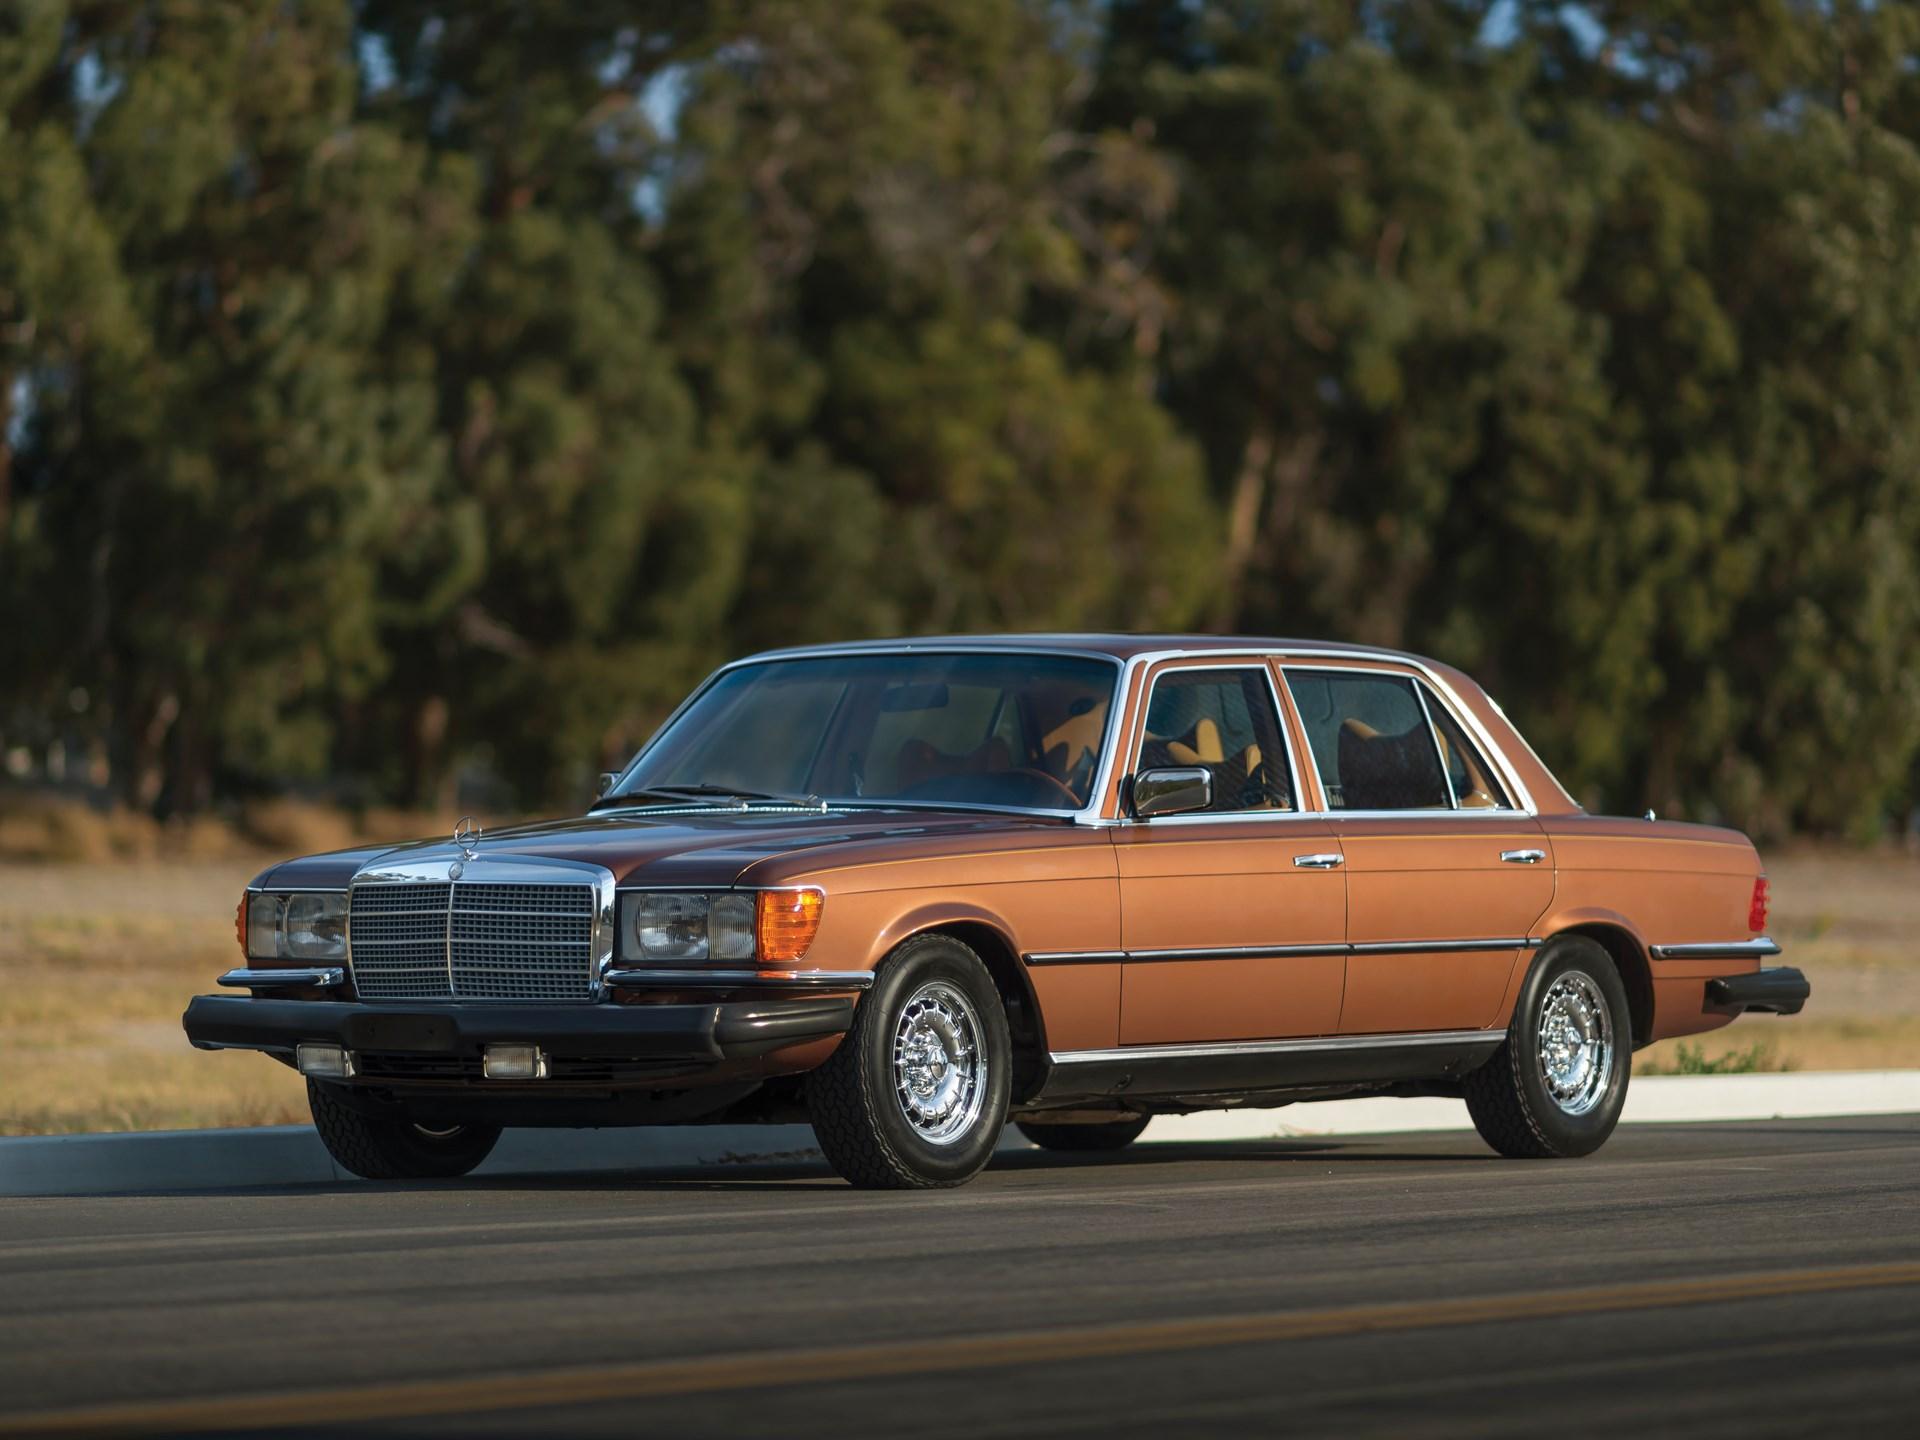 1979 Mercedes Benz 450 Sel 6 9